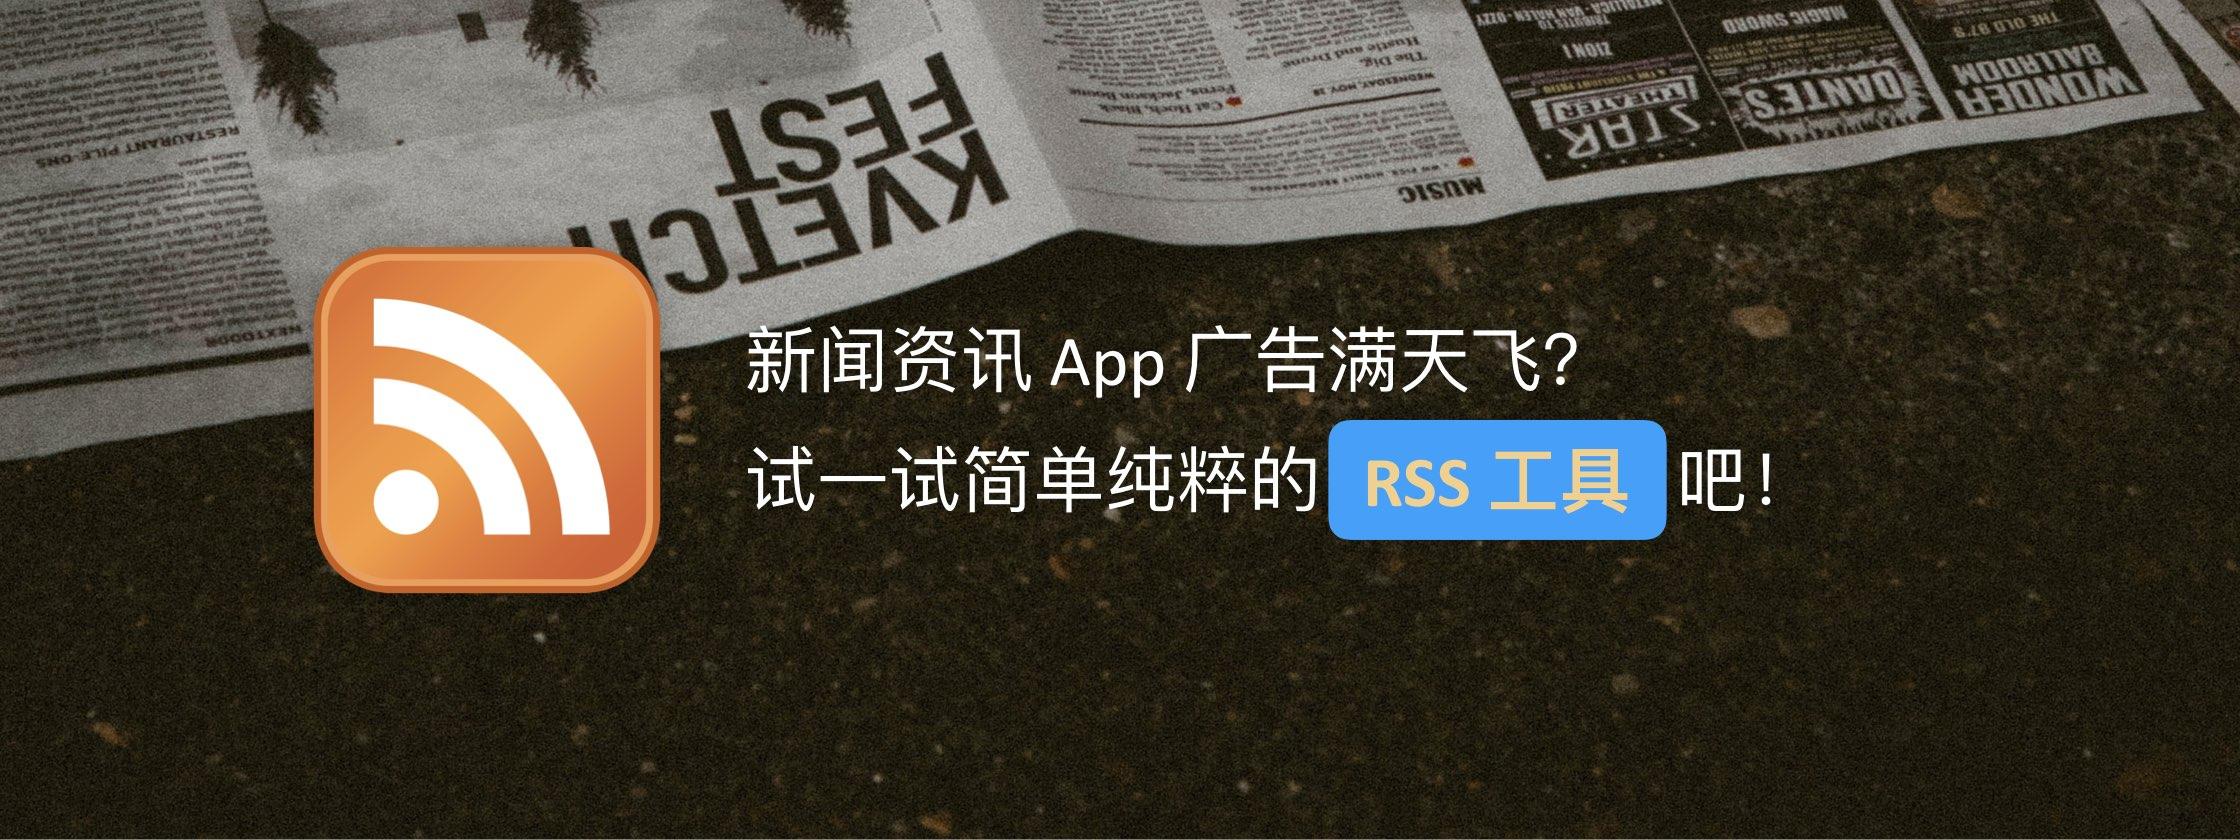 新闻资讯 App 广告满天飞?试一试简单纯粹的 RSS 吧!